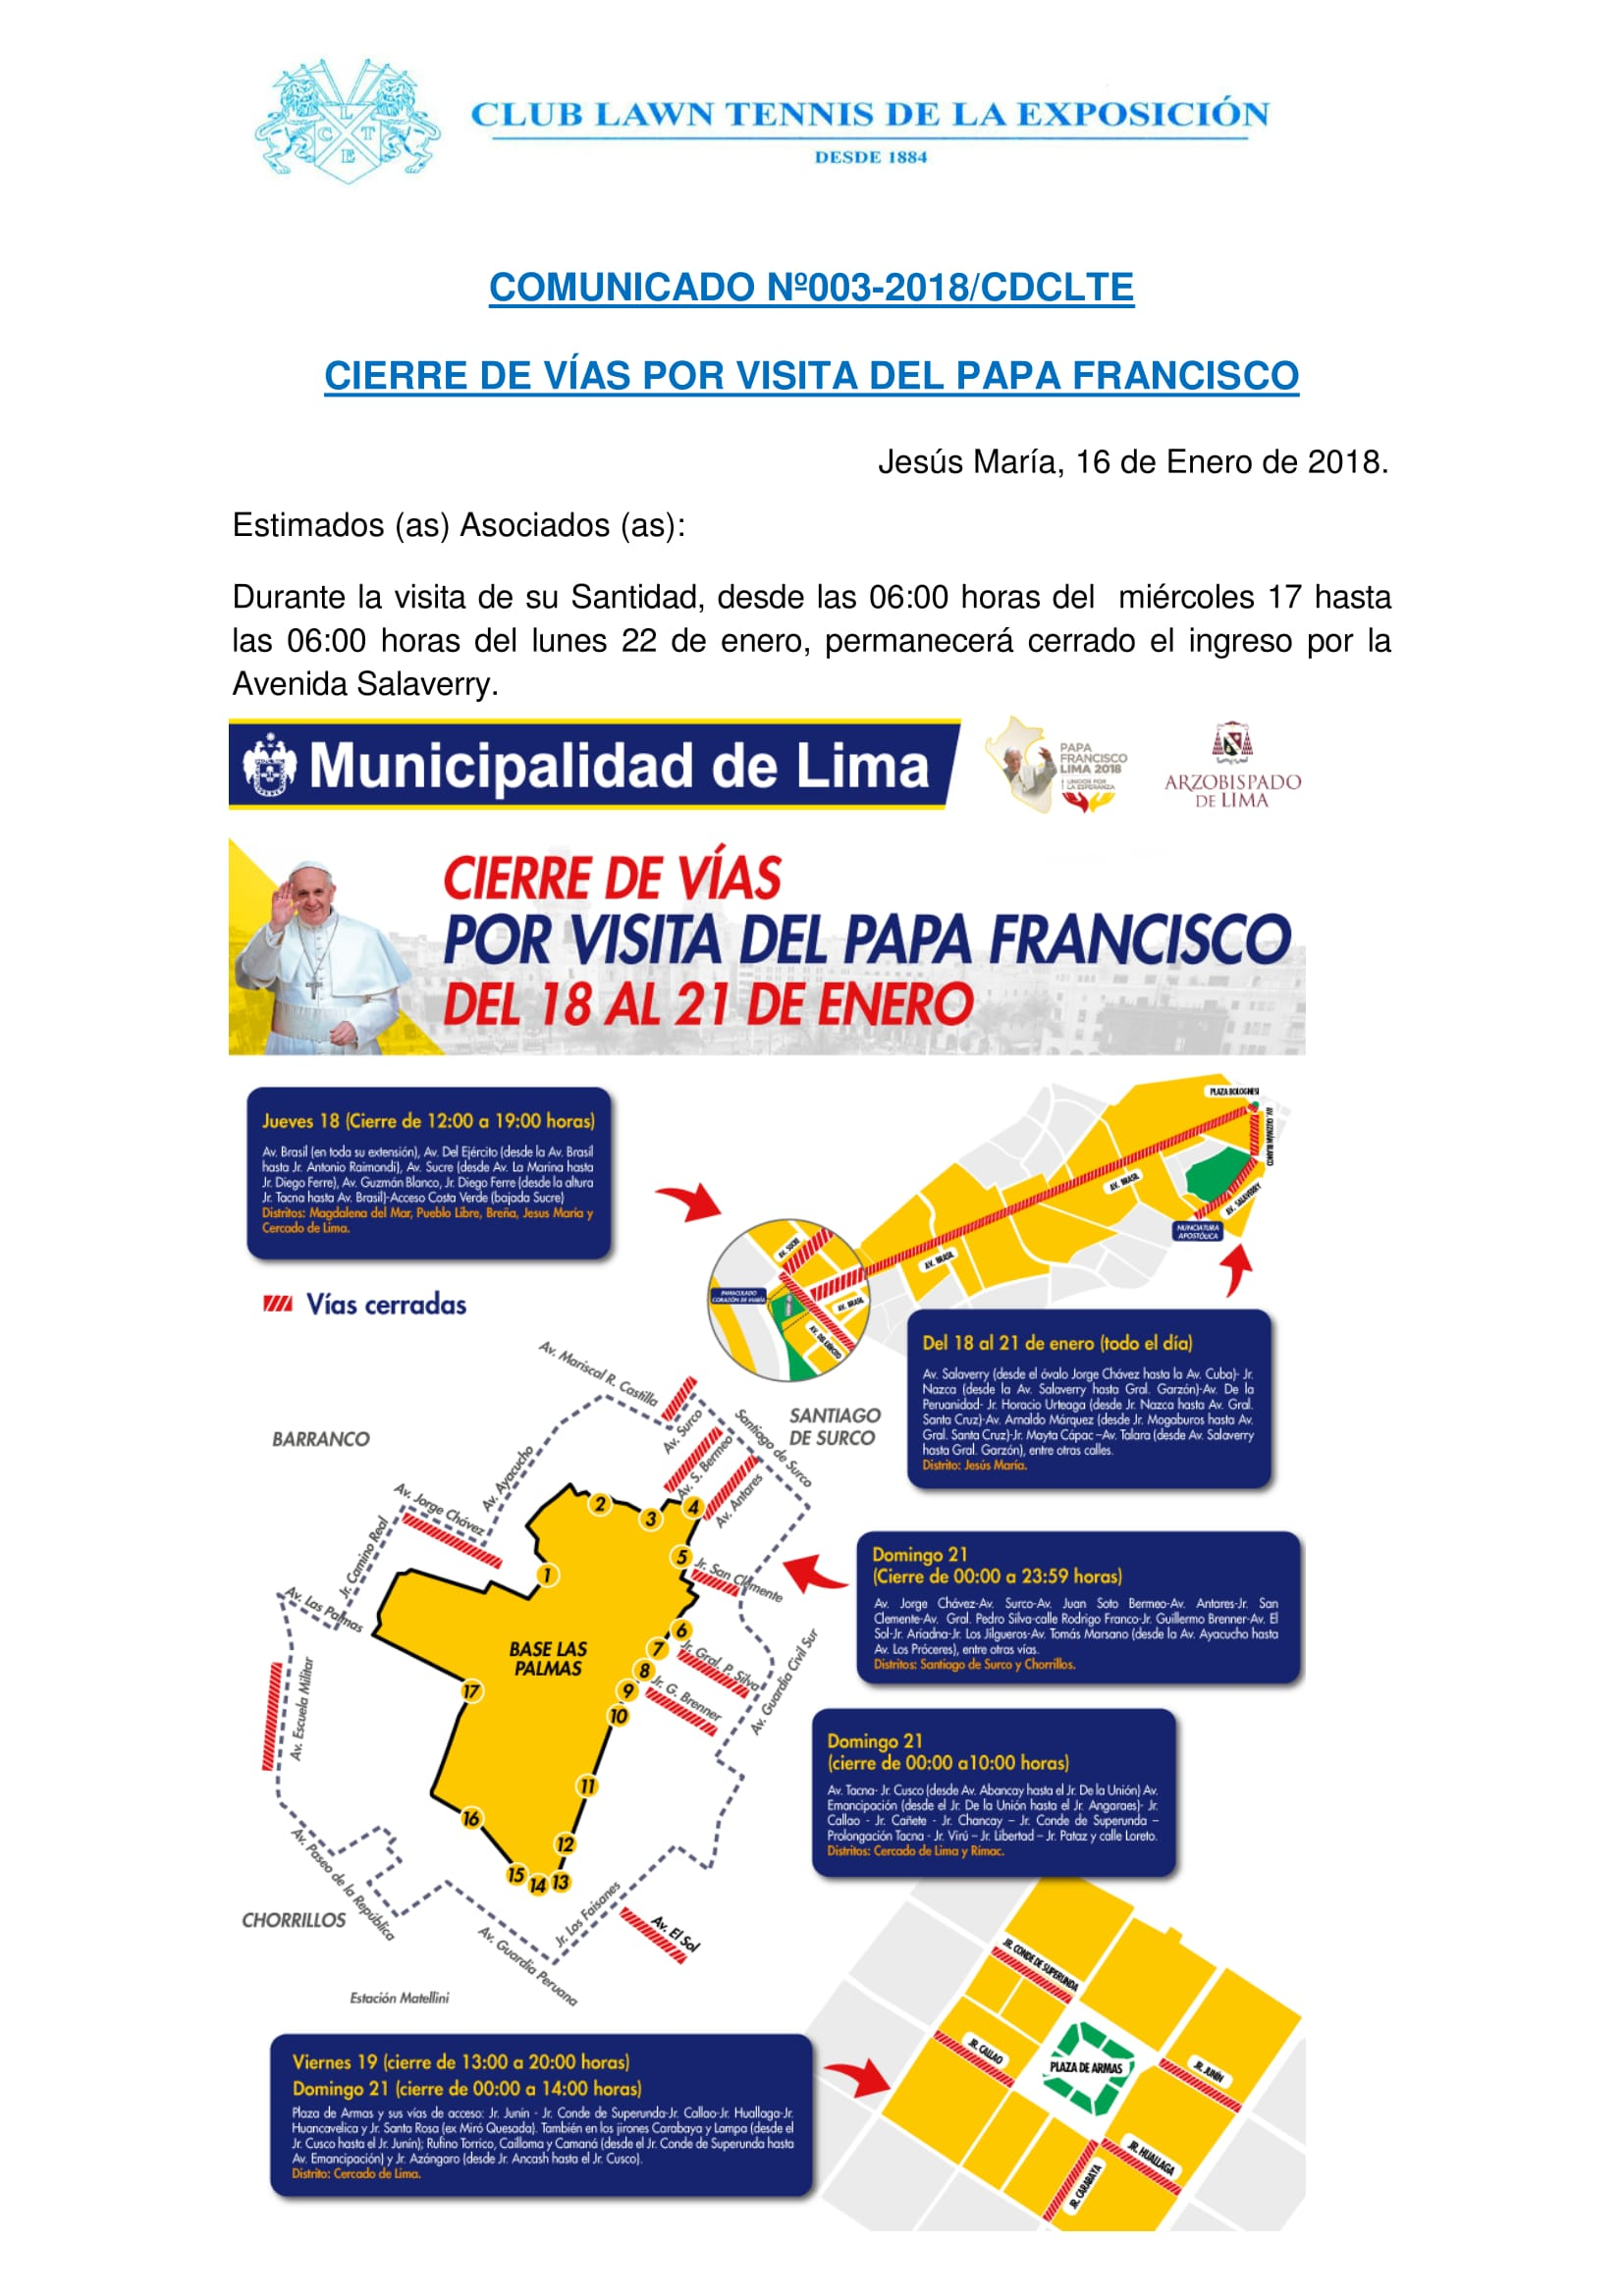 Comunicado 003 - CIERRE DE VIAS POR VISITA DEL PAPA FRANCISCO